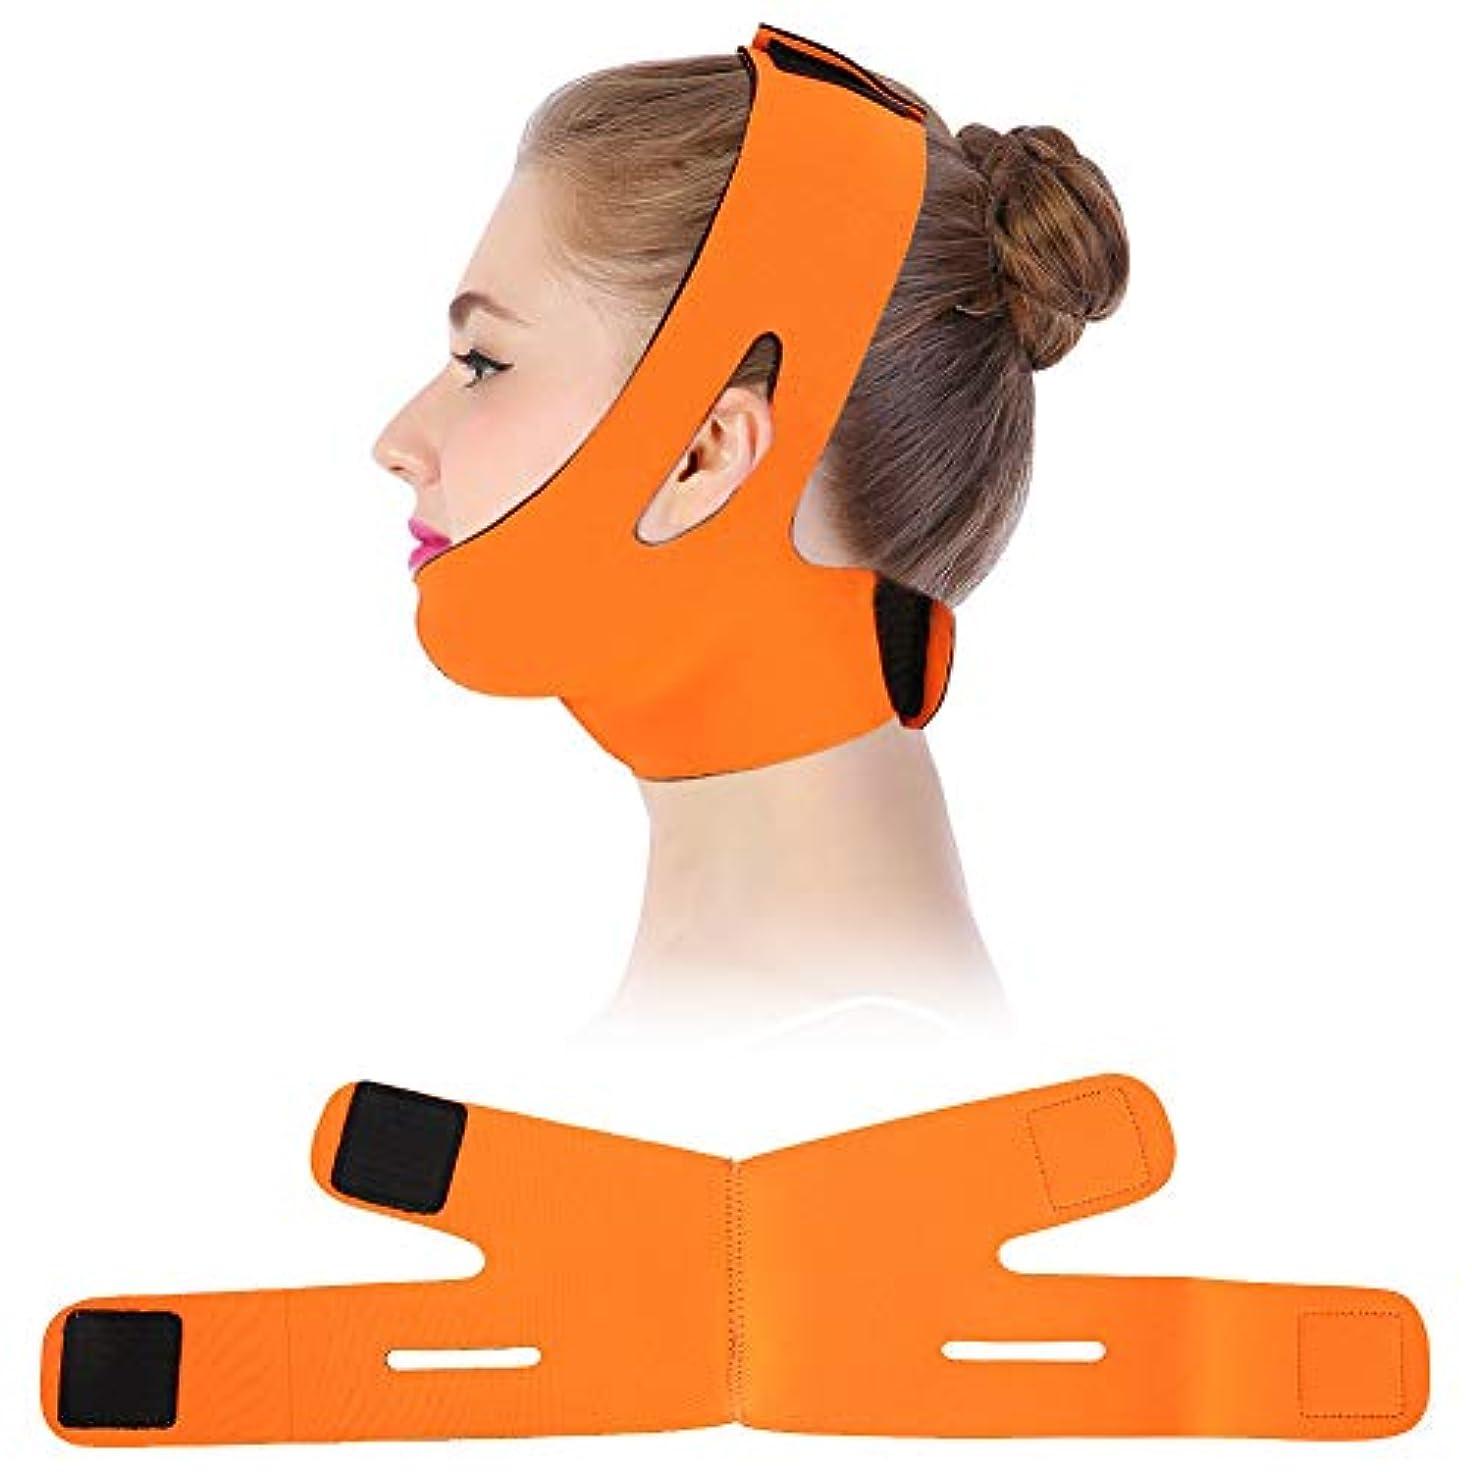 バース香港カートリッジフェイスリフティングベルト,顔の痩身包帯フェイシャルスリミング包帯ベルトマスクフェイスリフトダブルチンスキンストラップ (Orange)